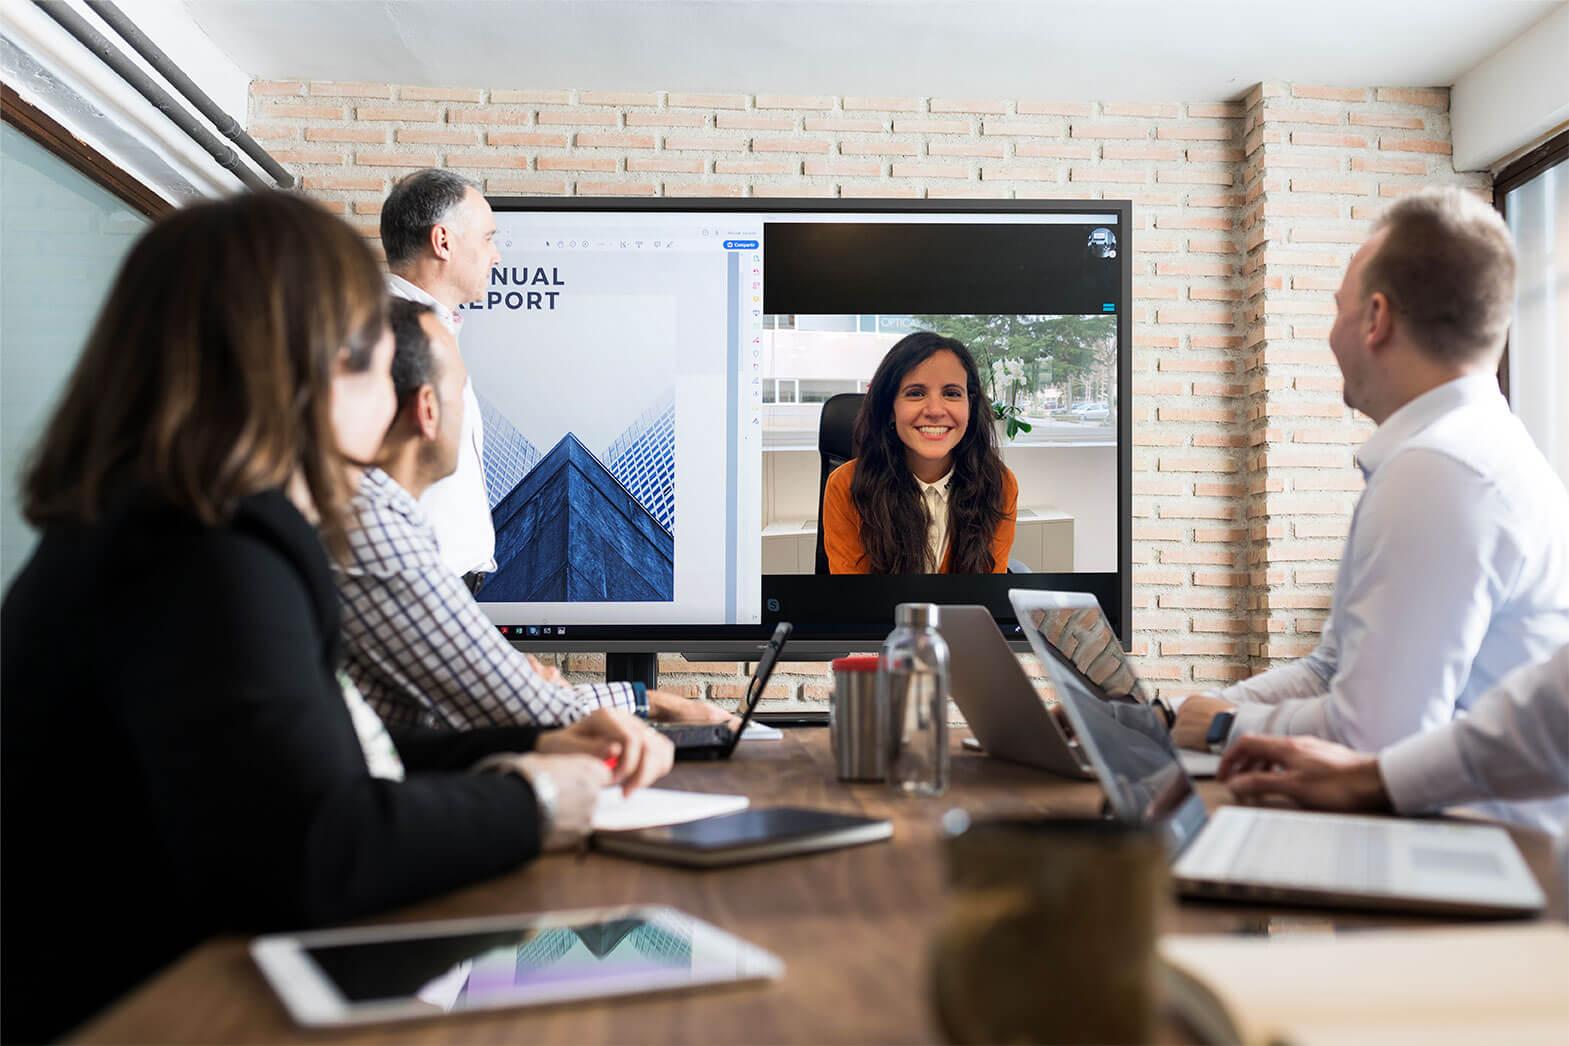 Lợi ích của màn hình tương tác trong giáo dục và đào tạo